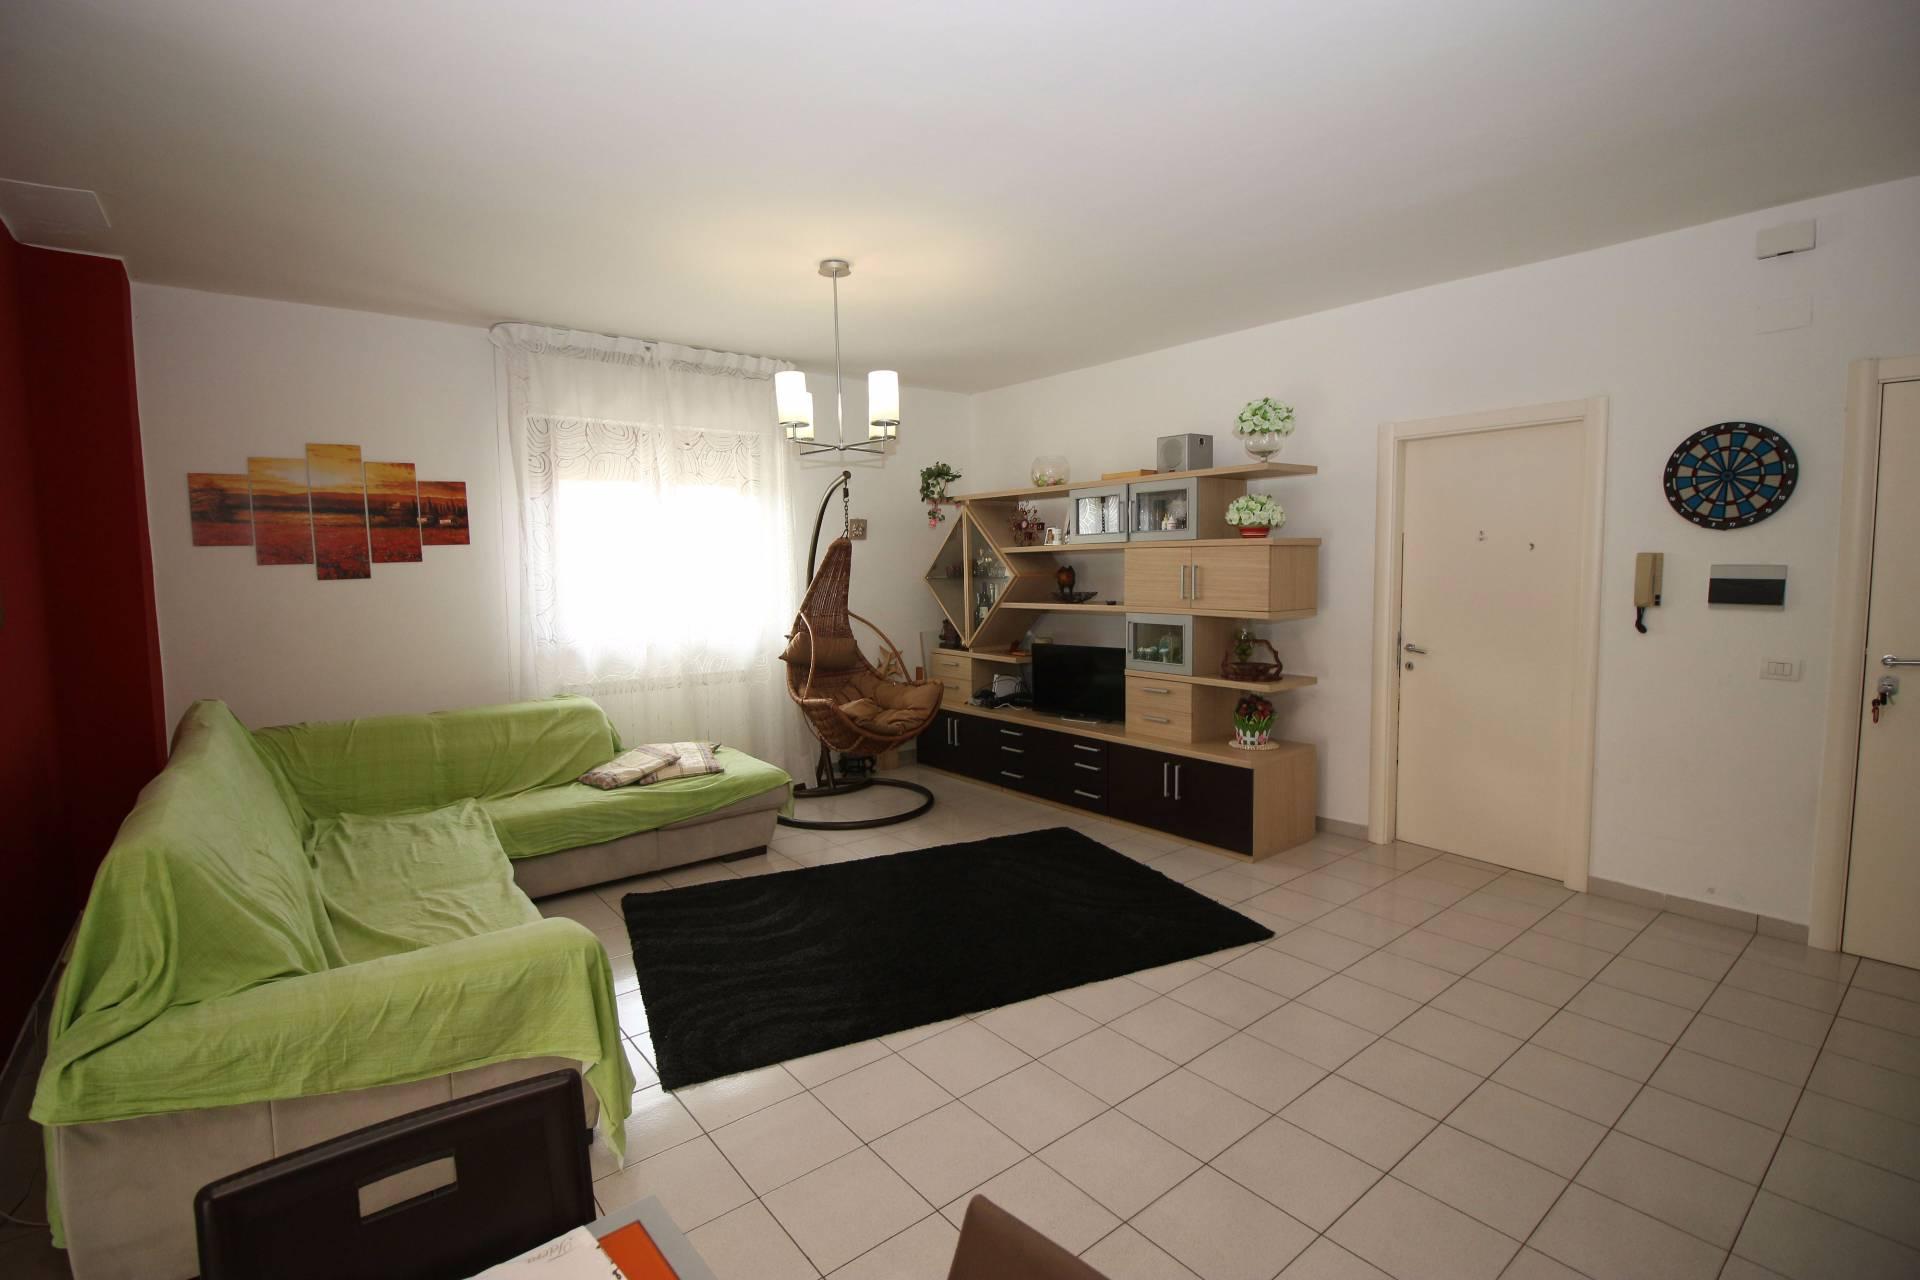 Appartamento in vendita a Tortoreto, 4 locali, zona Località: TortoretoLido, prezzo € 185.000 | Cambio Casa.it